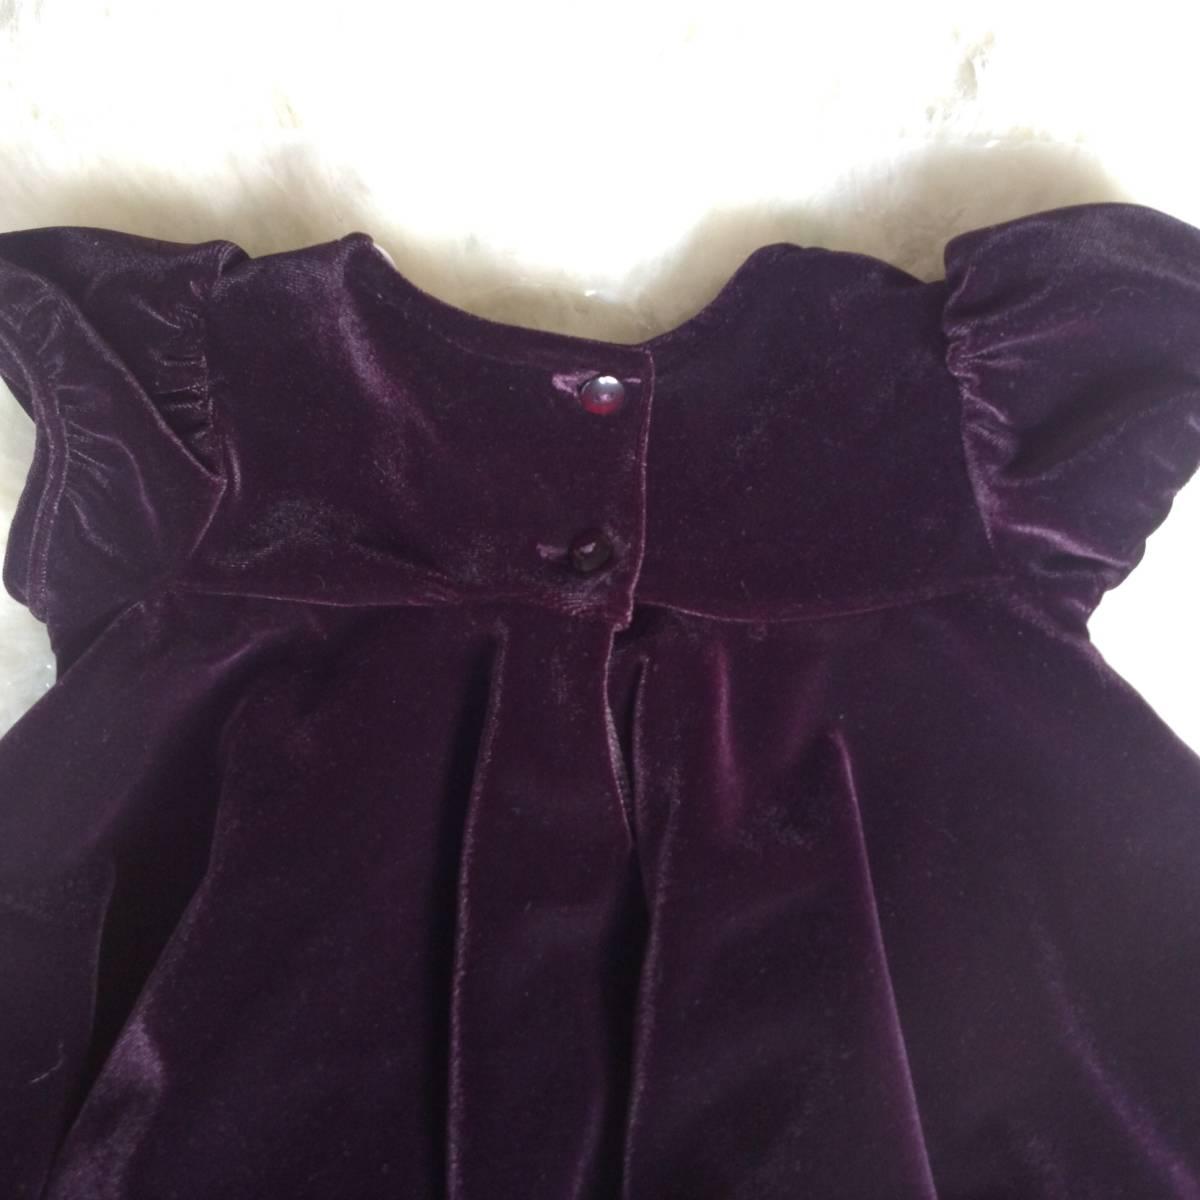 美品 セット イギリス 英国 ジョンルイス ベビー 80cm オフホワイト ケープ パープル 紫 ベルベット ワンピース フォーマル 結婚式 発表会_画像5